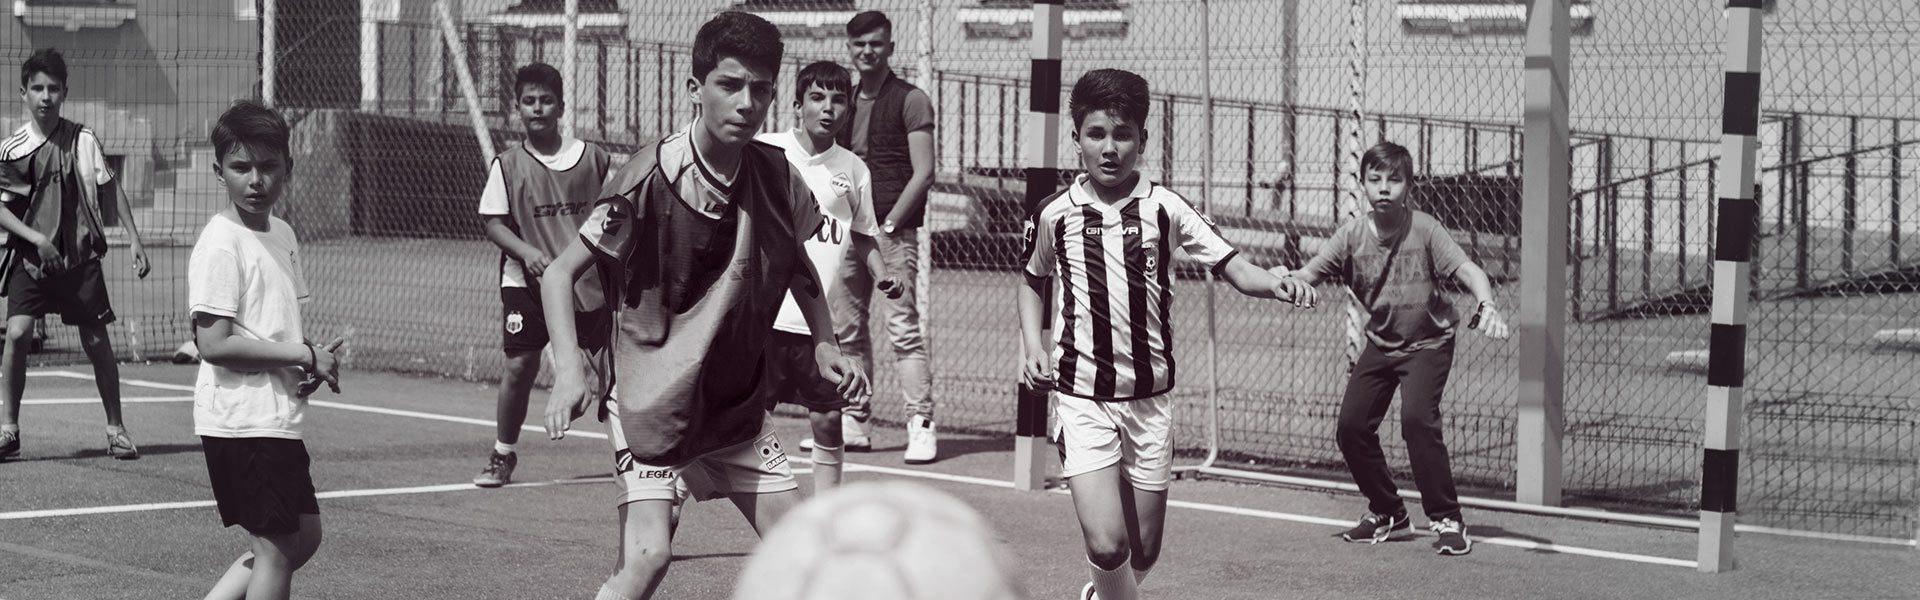 Los inicios de la educación física en España